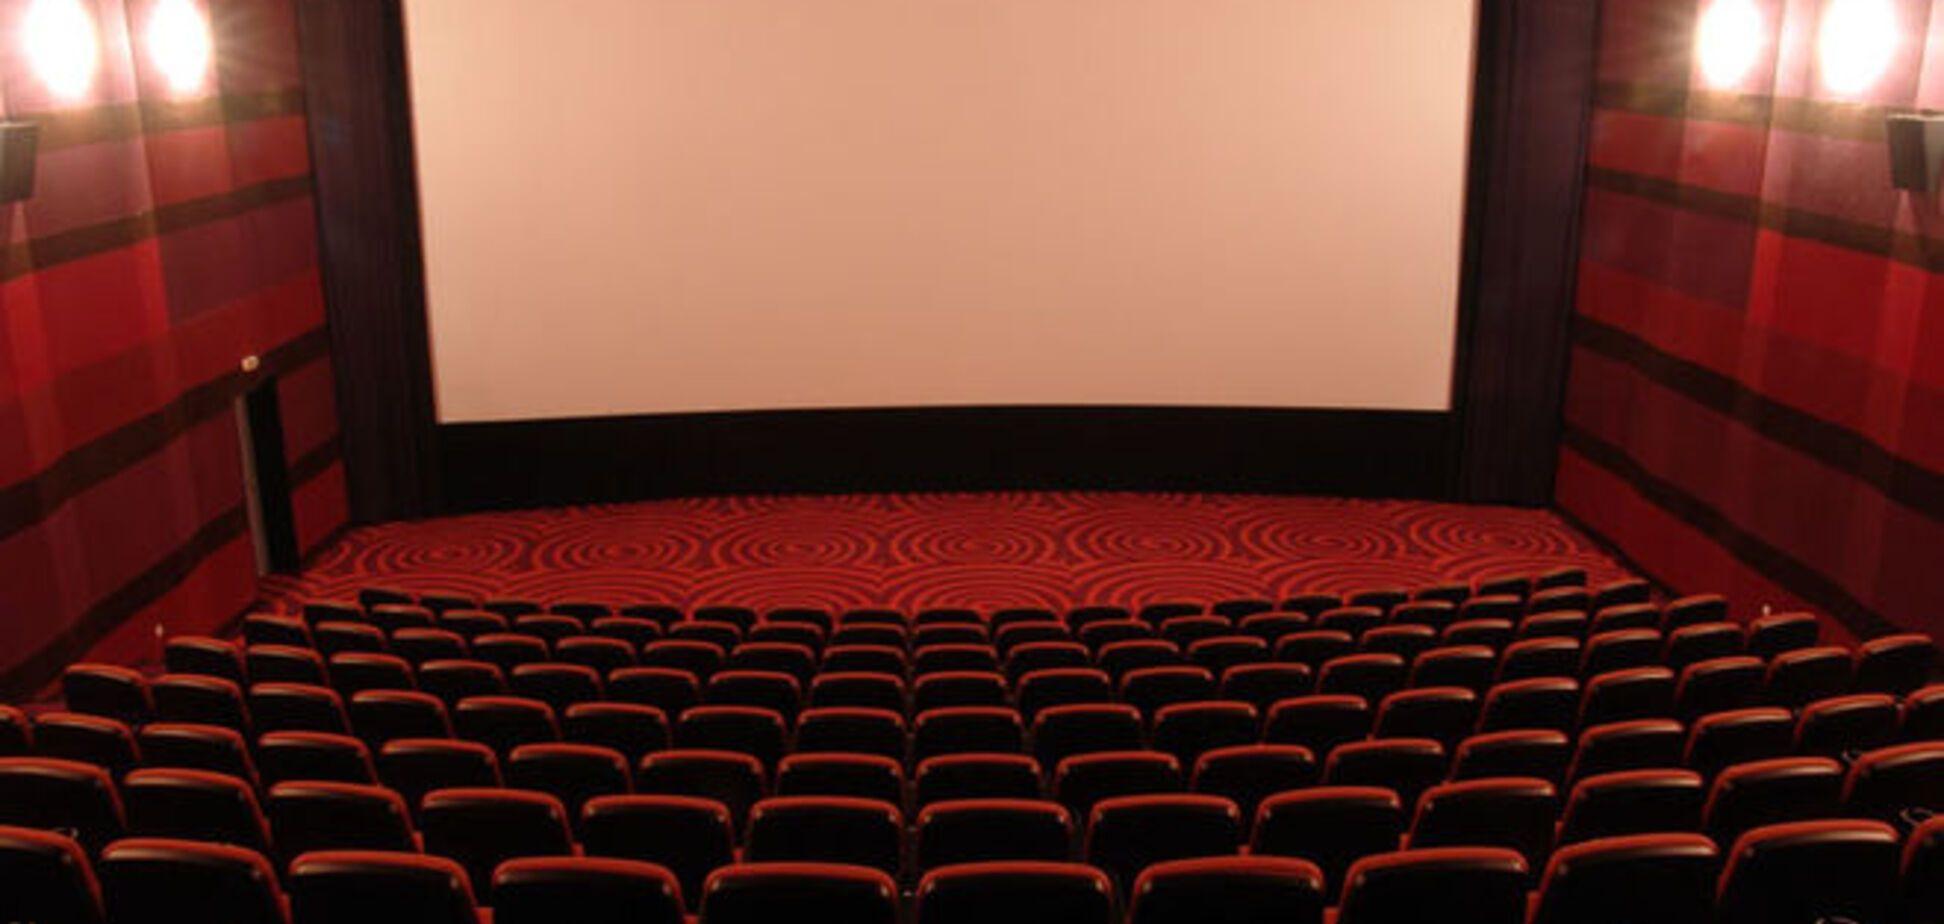 Это точно Оскар: в США российский фильм собрал в прокате 254 доллара